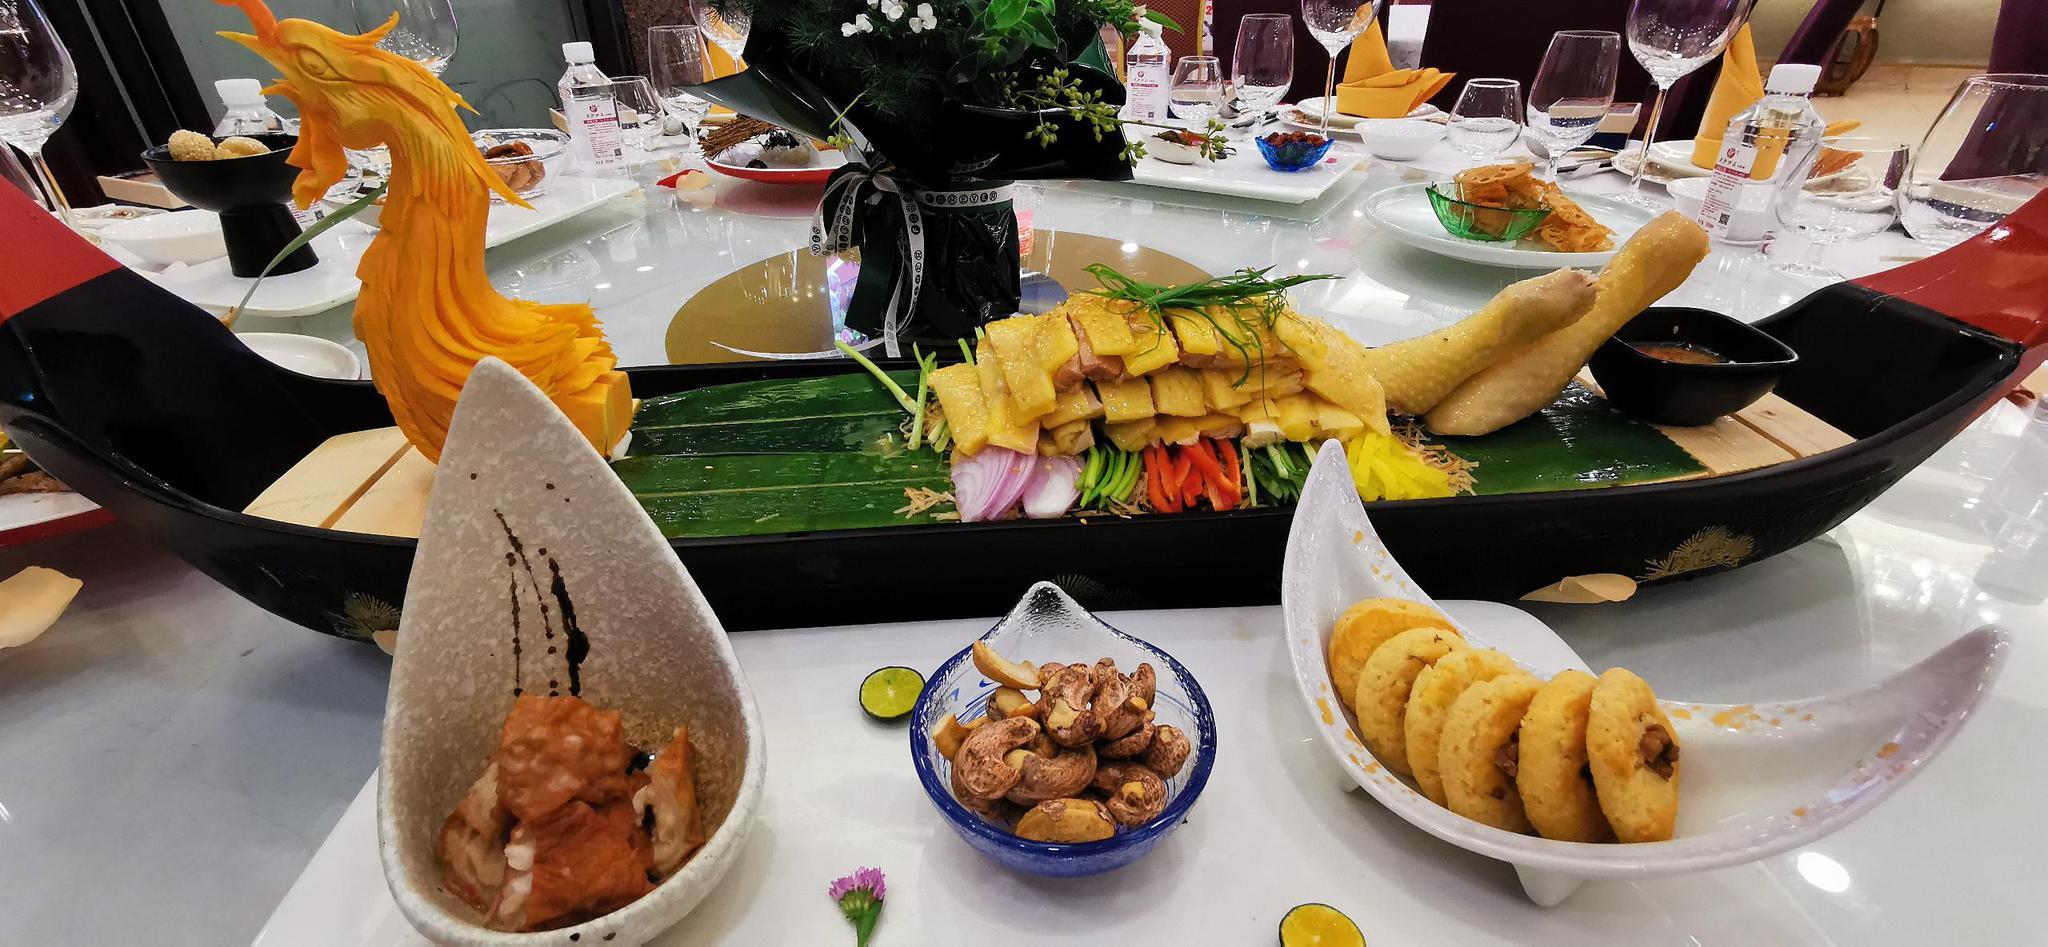 10月30日,吃货集结番禺祈福缤纷世界!2020年广州国际美食节主会场活动将盛大开幕